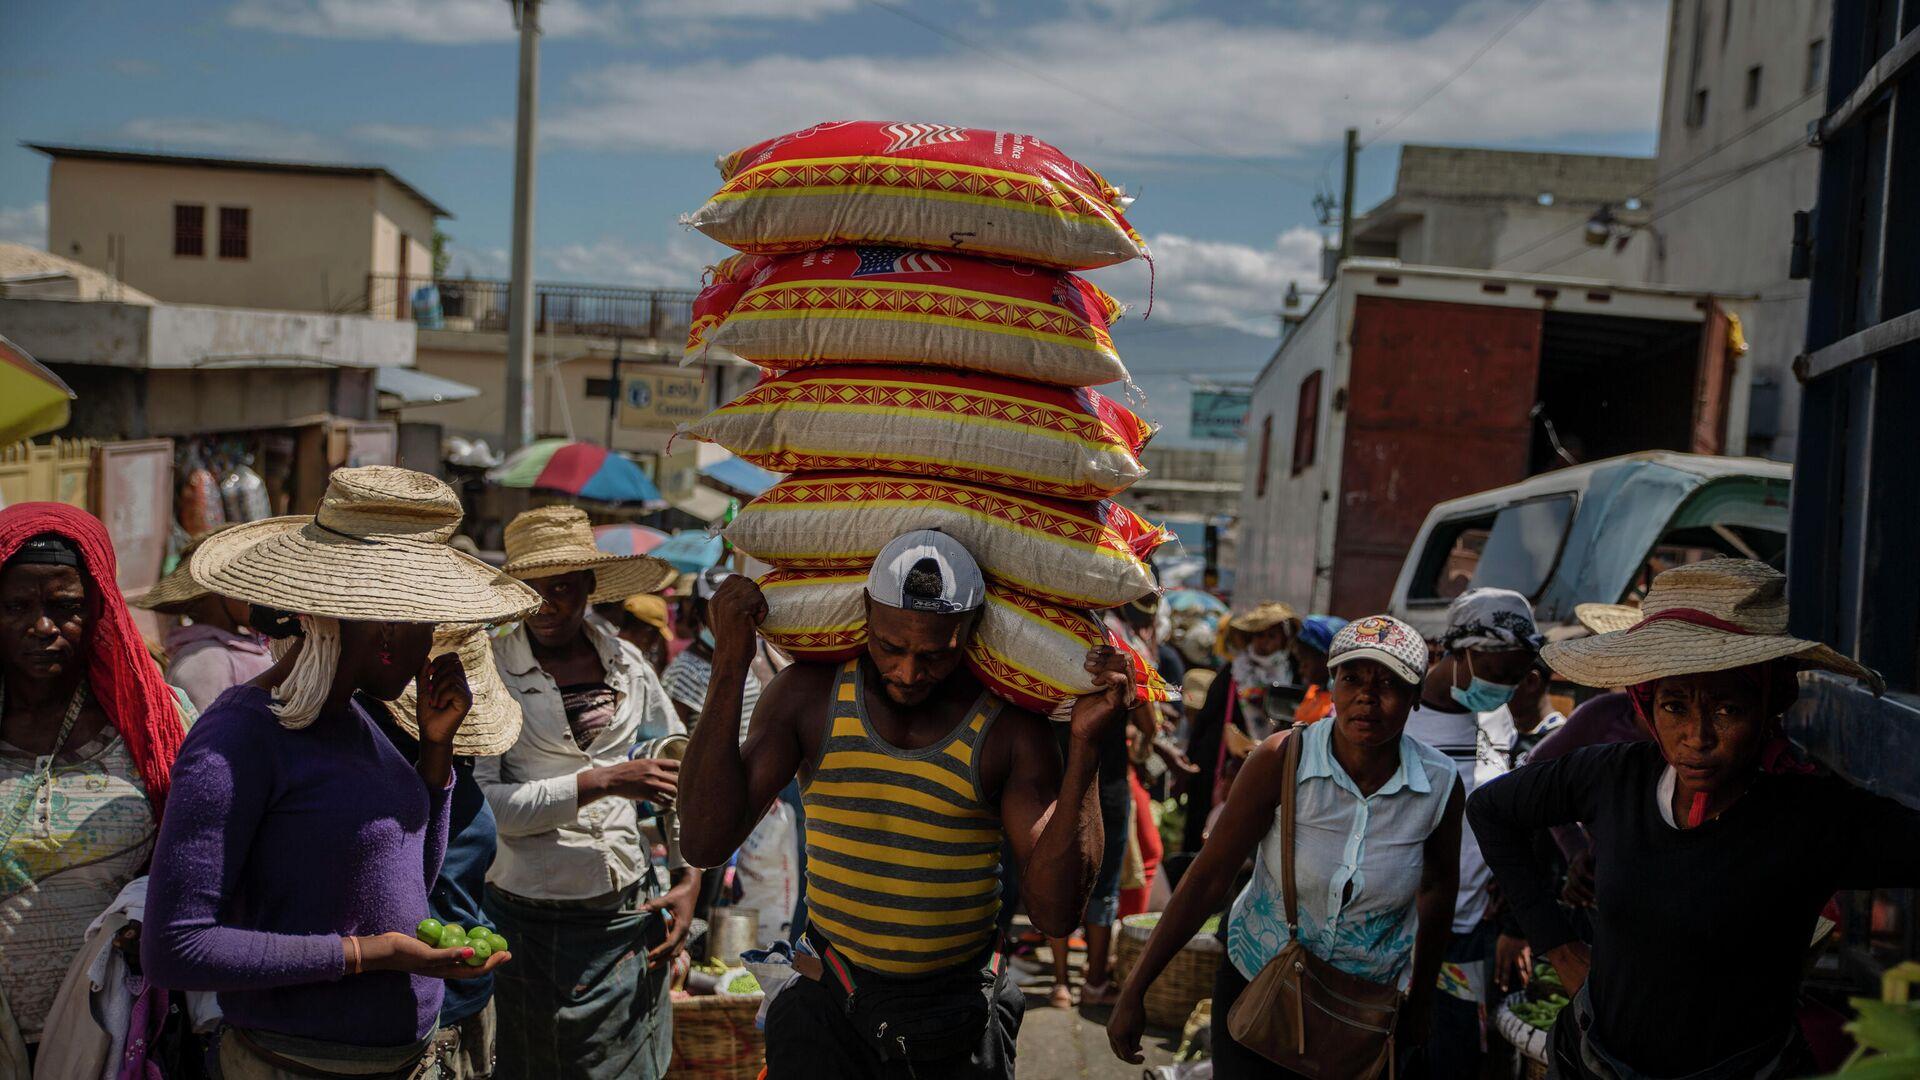 Мужчина несет товары на уличном рынке в Порт-о-Пренсе, Гаити - РИА Новости, 1920, 13.09.2021